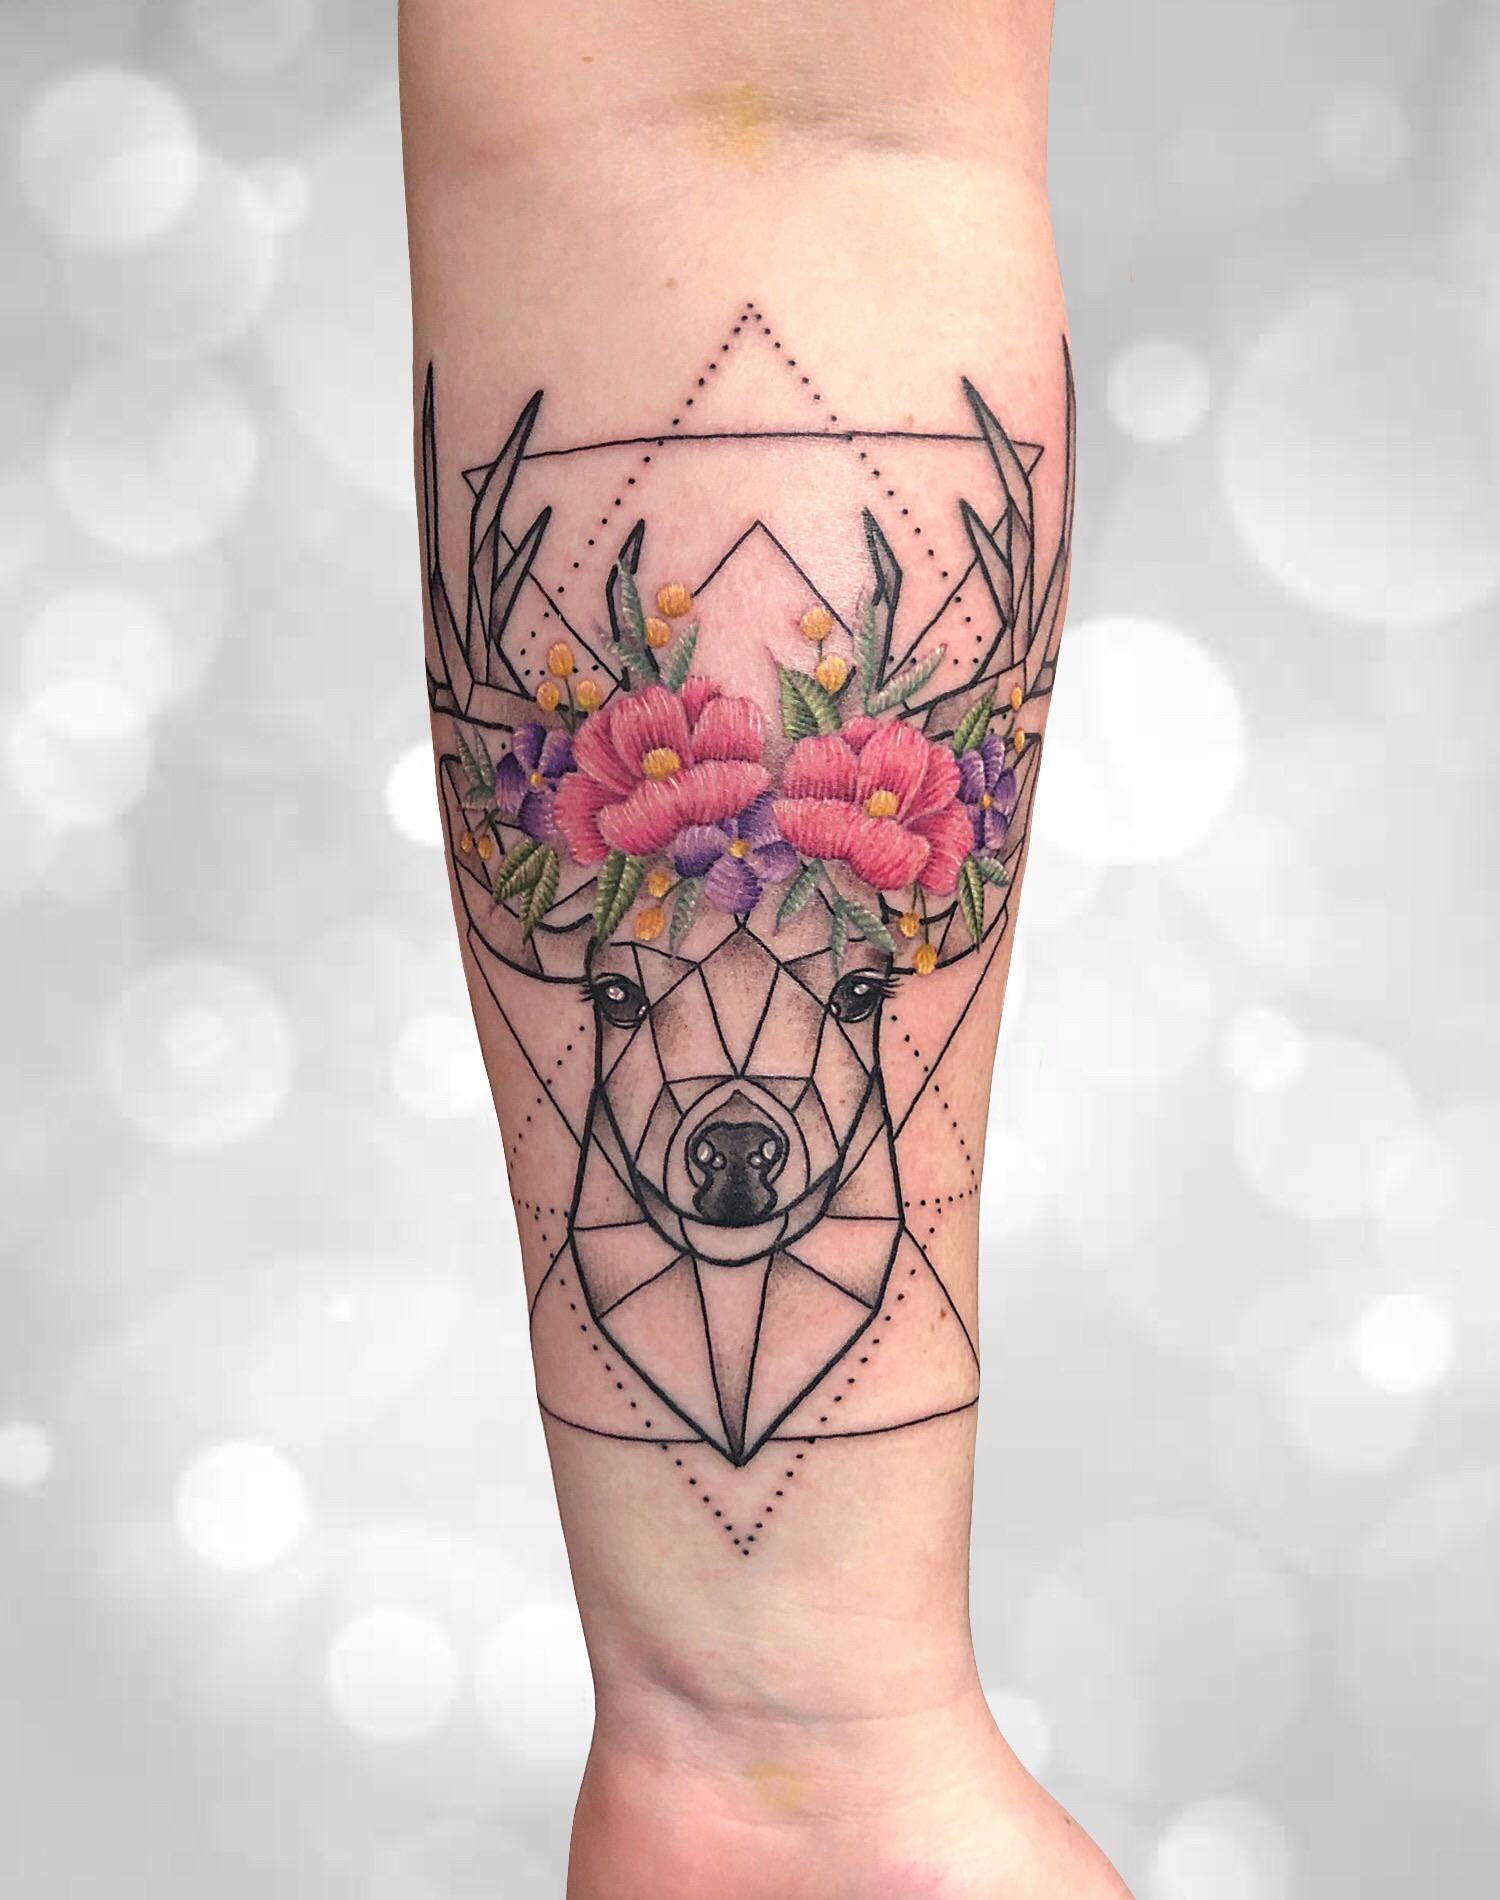 My Name Is Jennie Tiesman And Im New To The Reddit Community Im A Tattoo Artist From Rockford Il I Figured Id Start Sha Tattoo Artists Tattoos Prison Tattoos